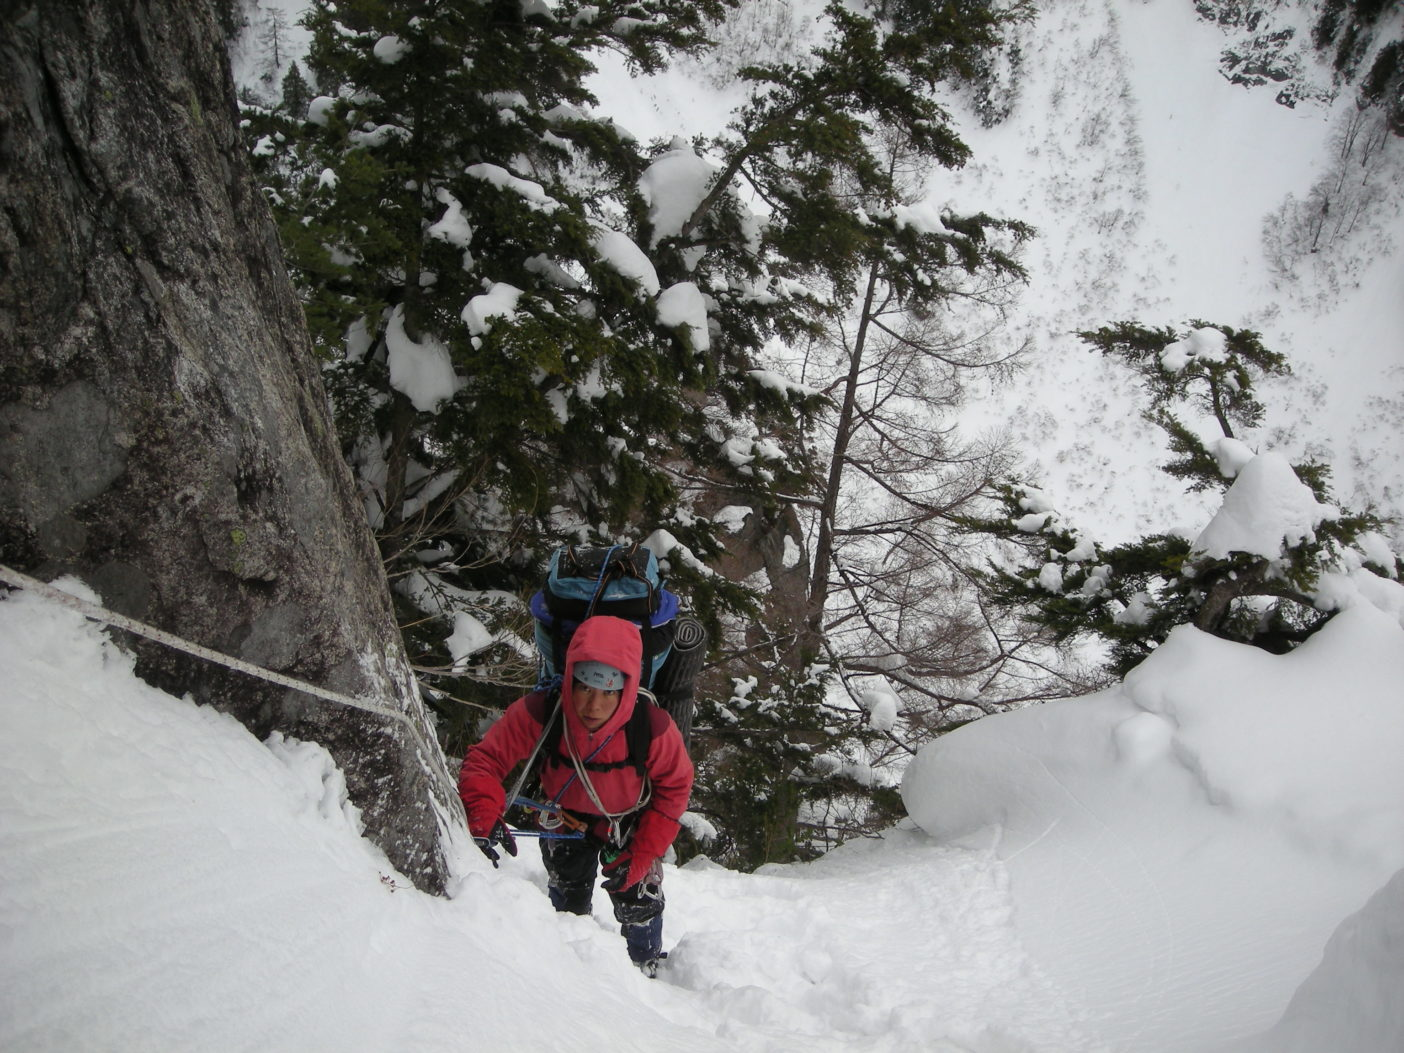 黒部丸山東壁、黒部横断挑戦中。2010年1月 写真:鈴木啓紀